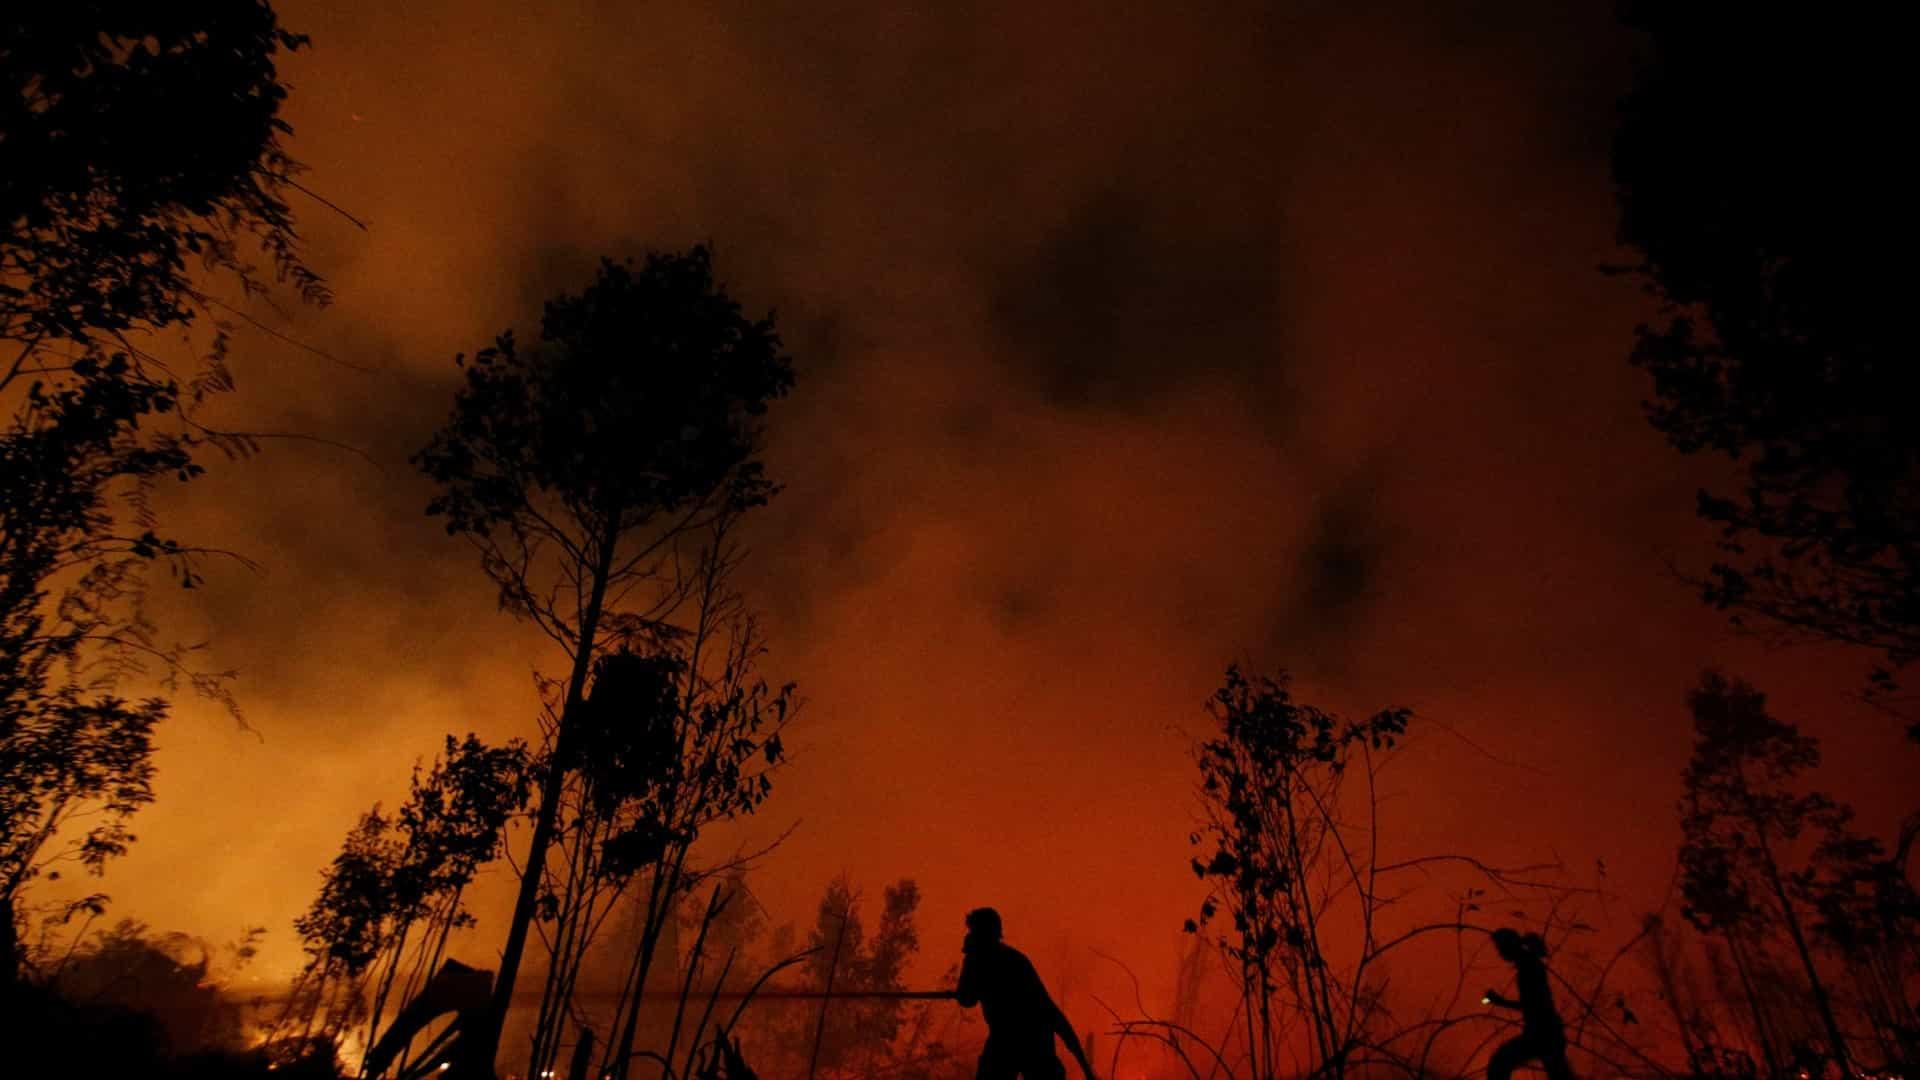 Orman yangını dumanı aslında bir ekosistem için yararlı organizmaları yayabilir